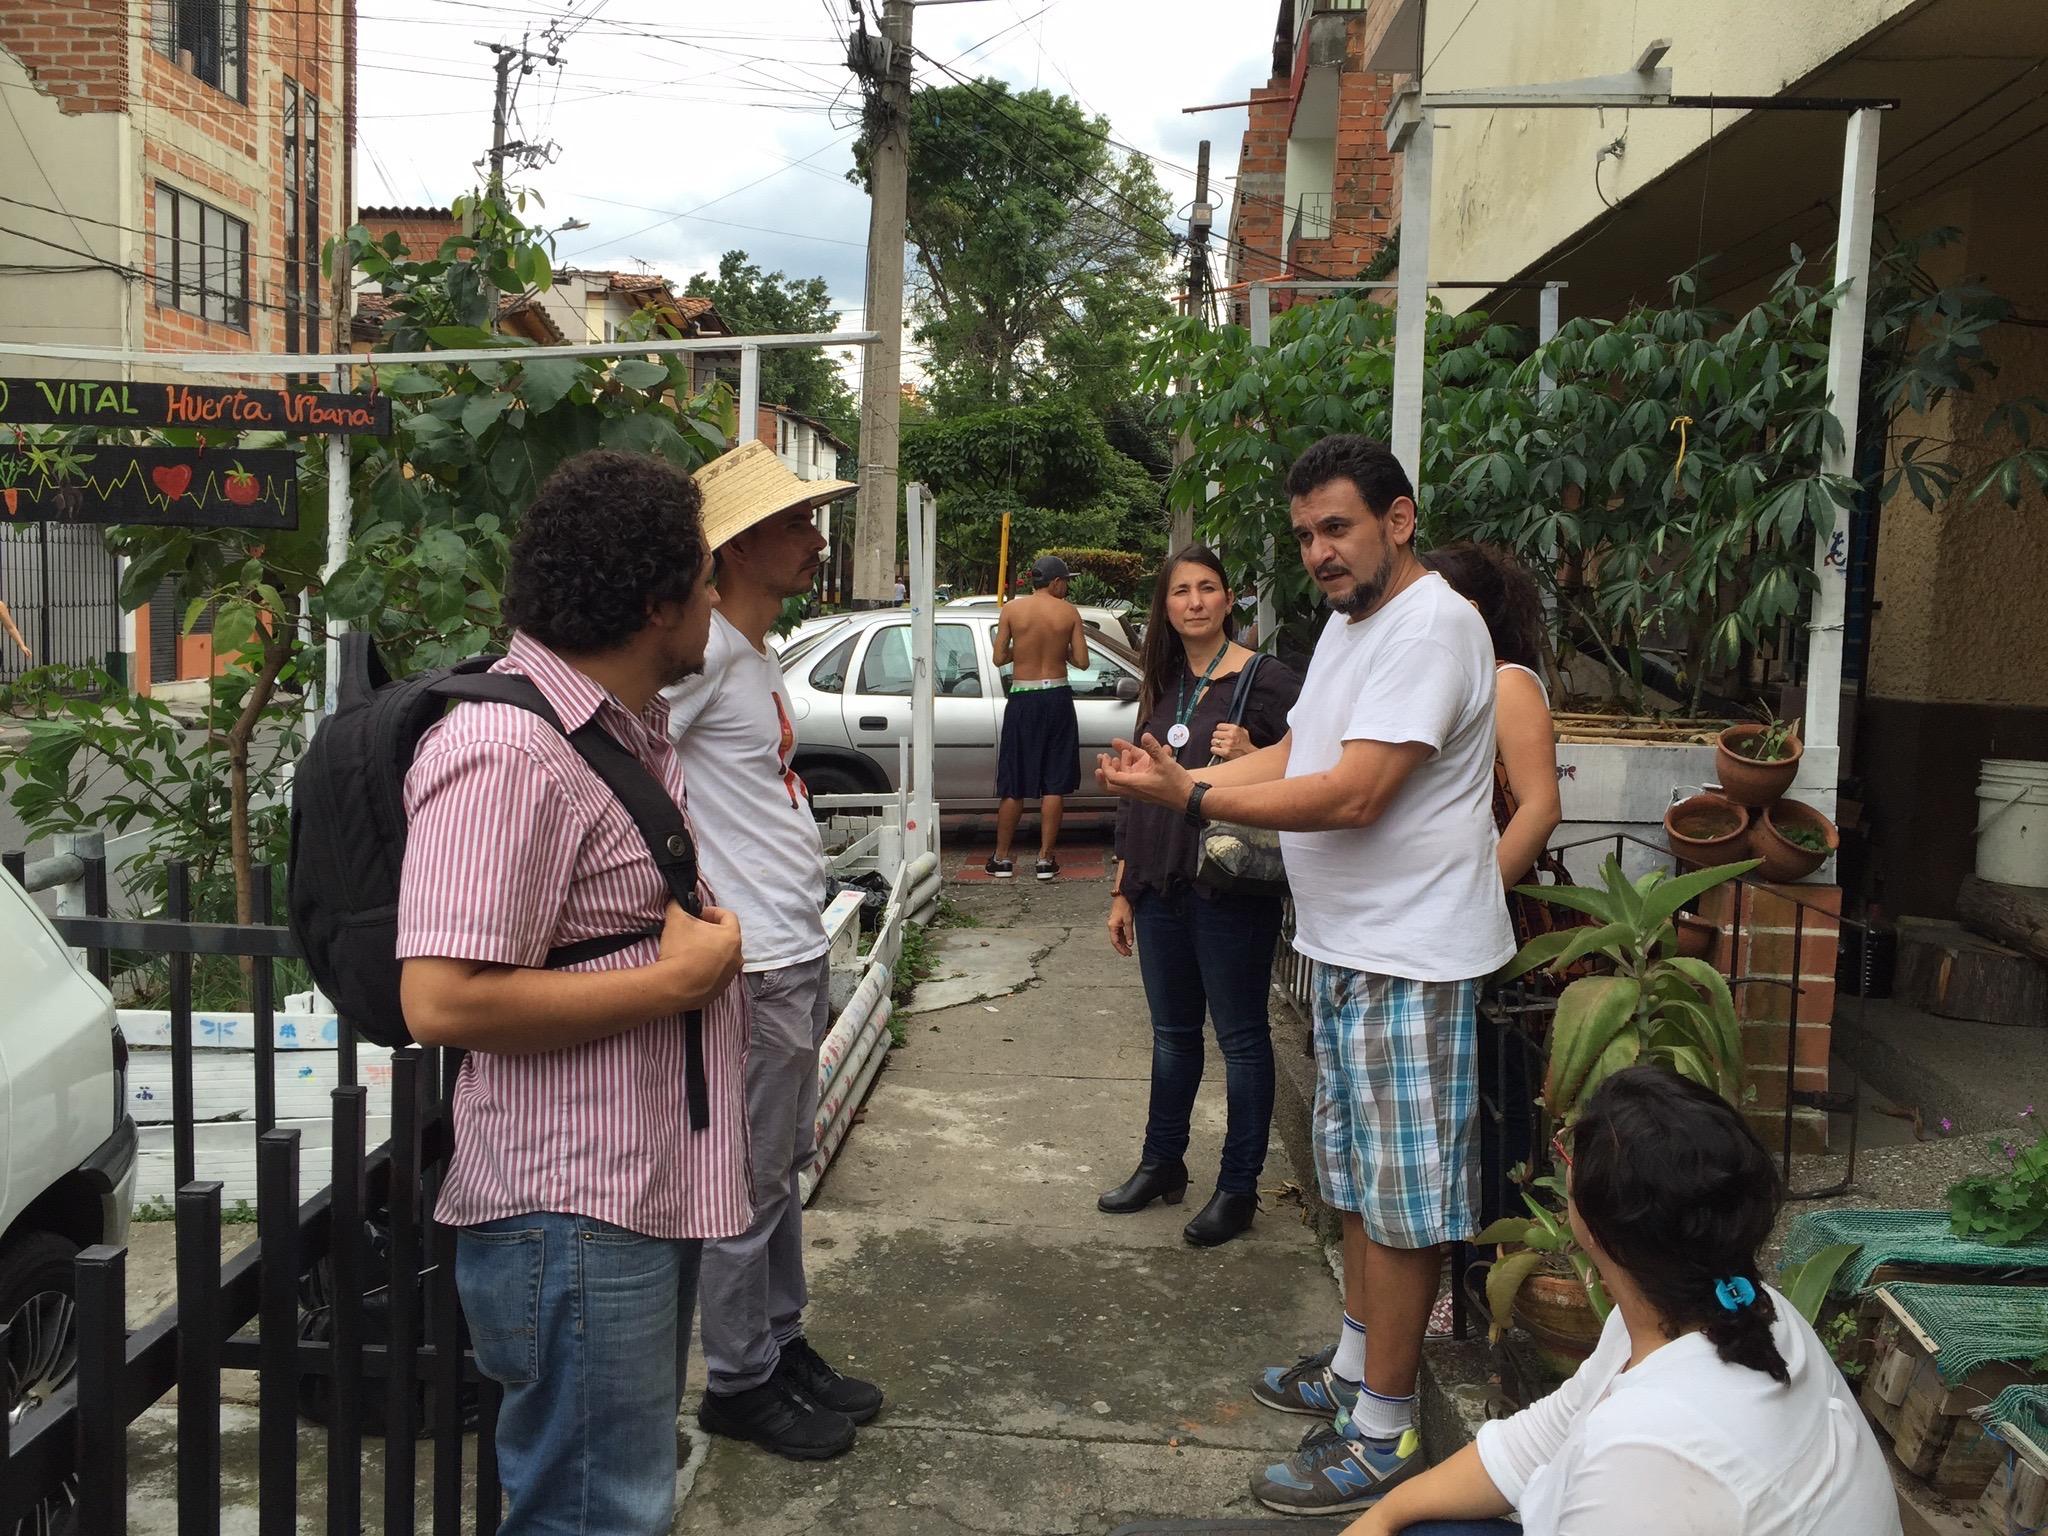 Javier Cardona showing visitors his garden, Espacio Vital